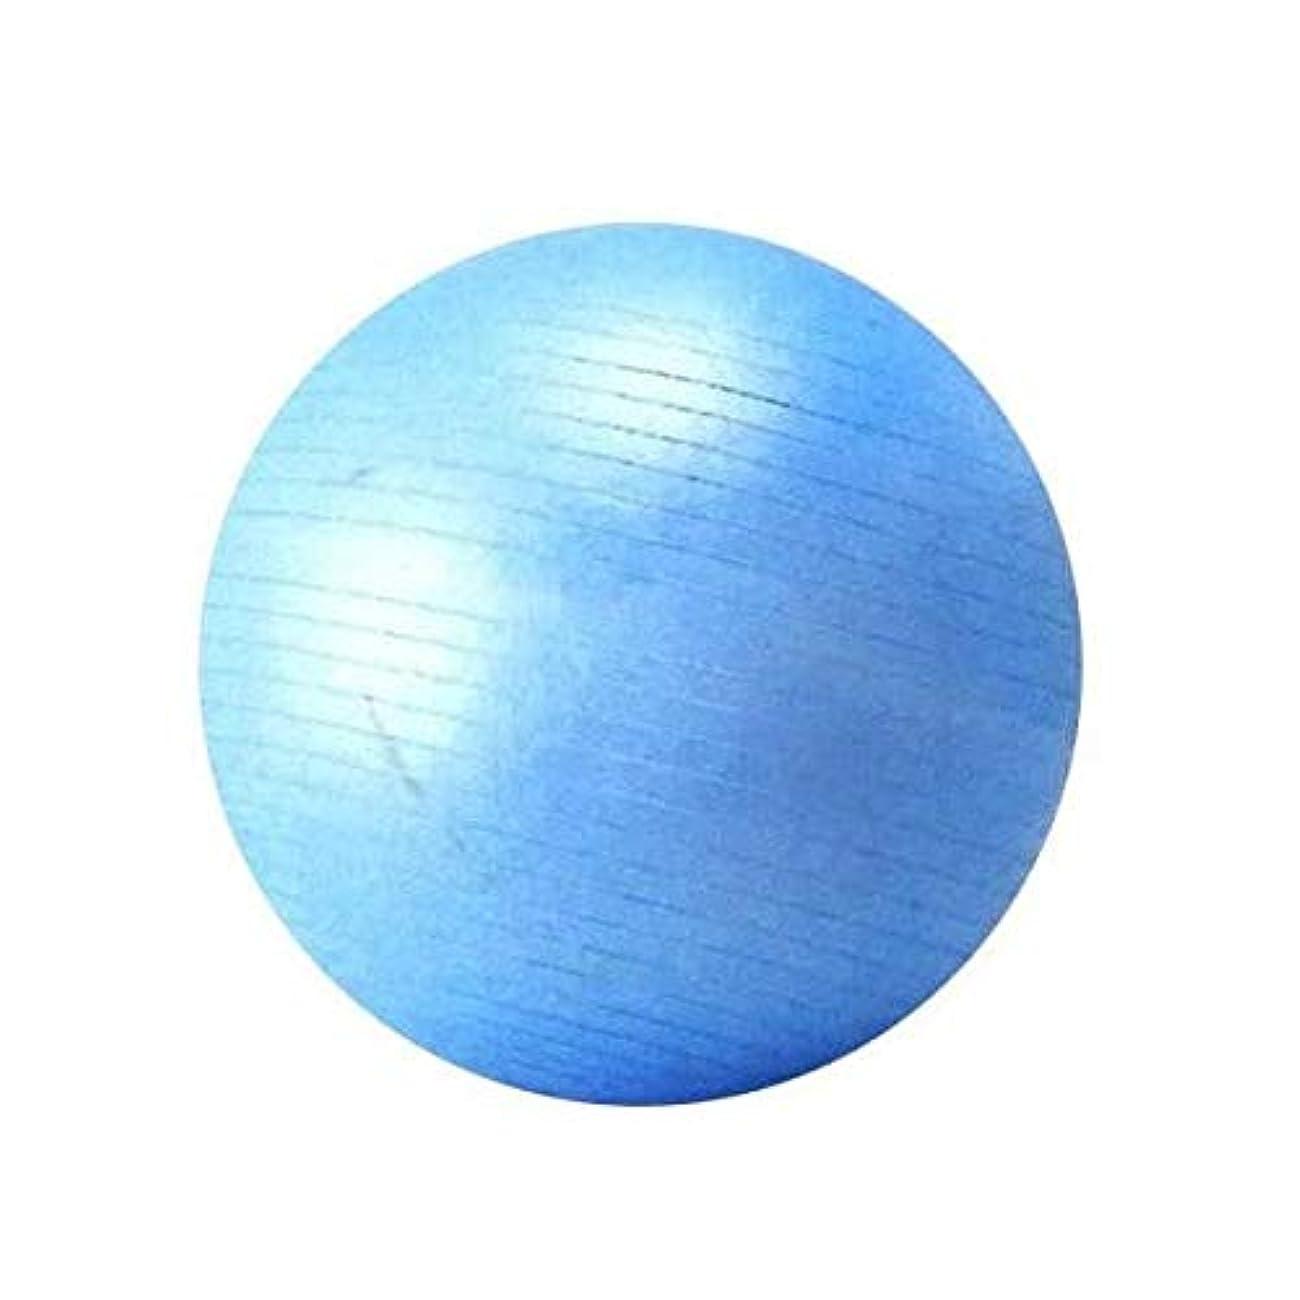 ぼかす着飾るフェードSINTEX(シンテックス) トータルフィットネス フィットネスボール 75cm バランスボール ブルー NLS7675